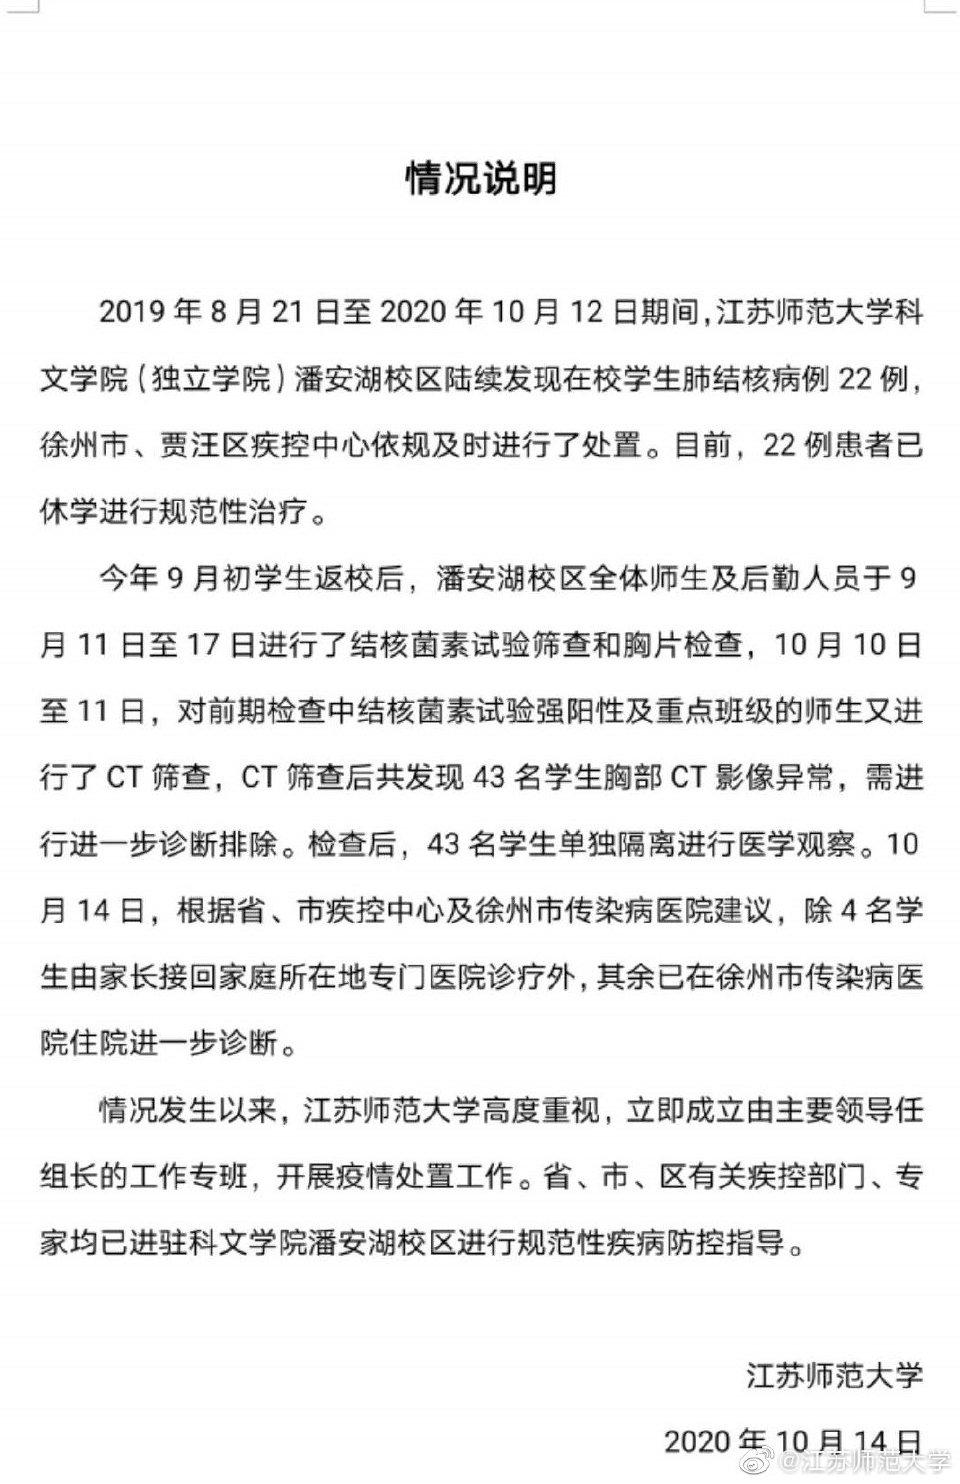 江苏师范大学22名学生感染肺结核,学校:已休学治疗图片